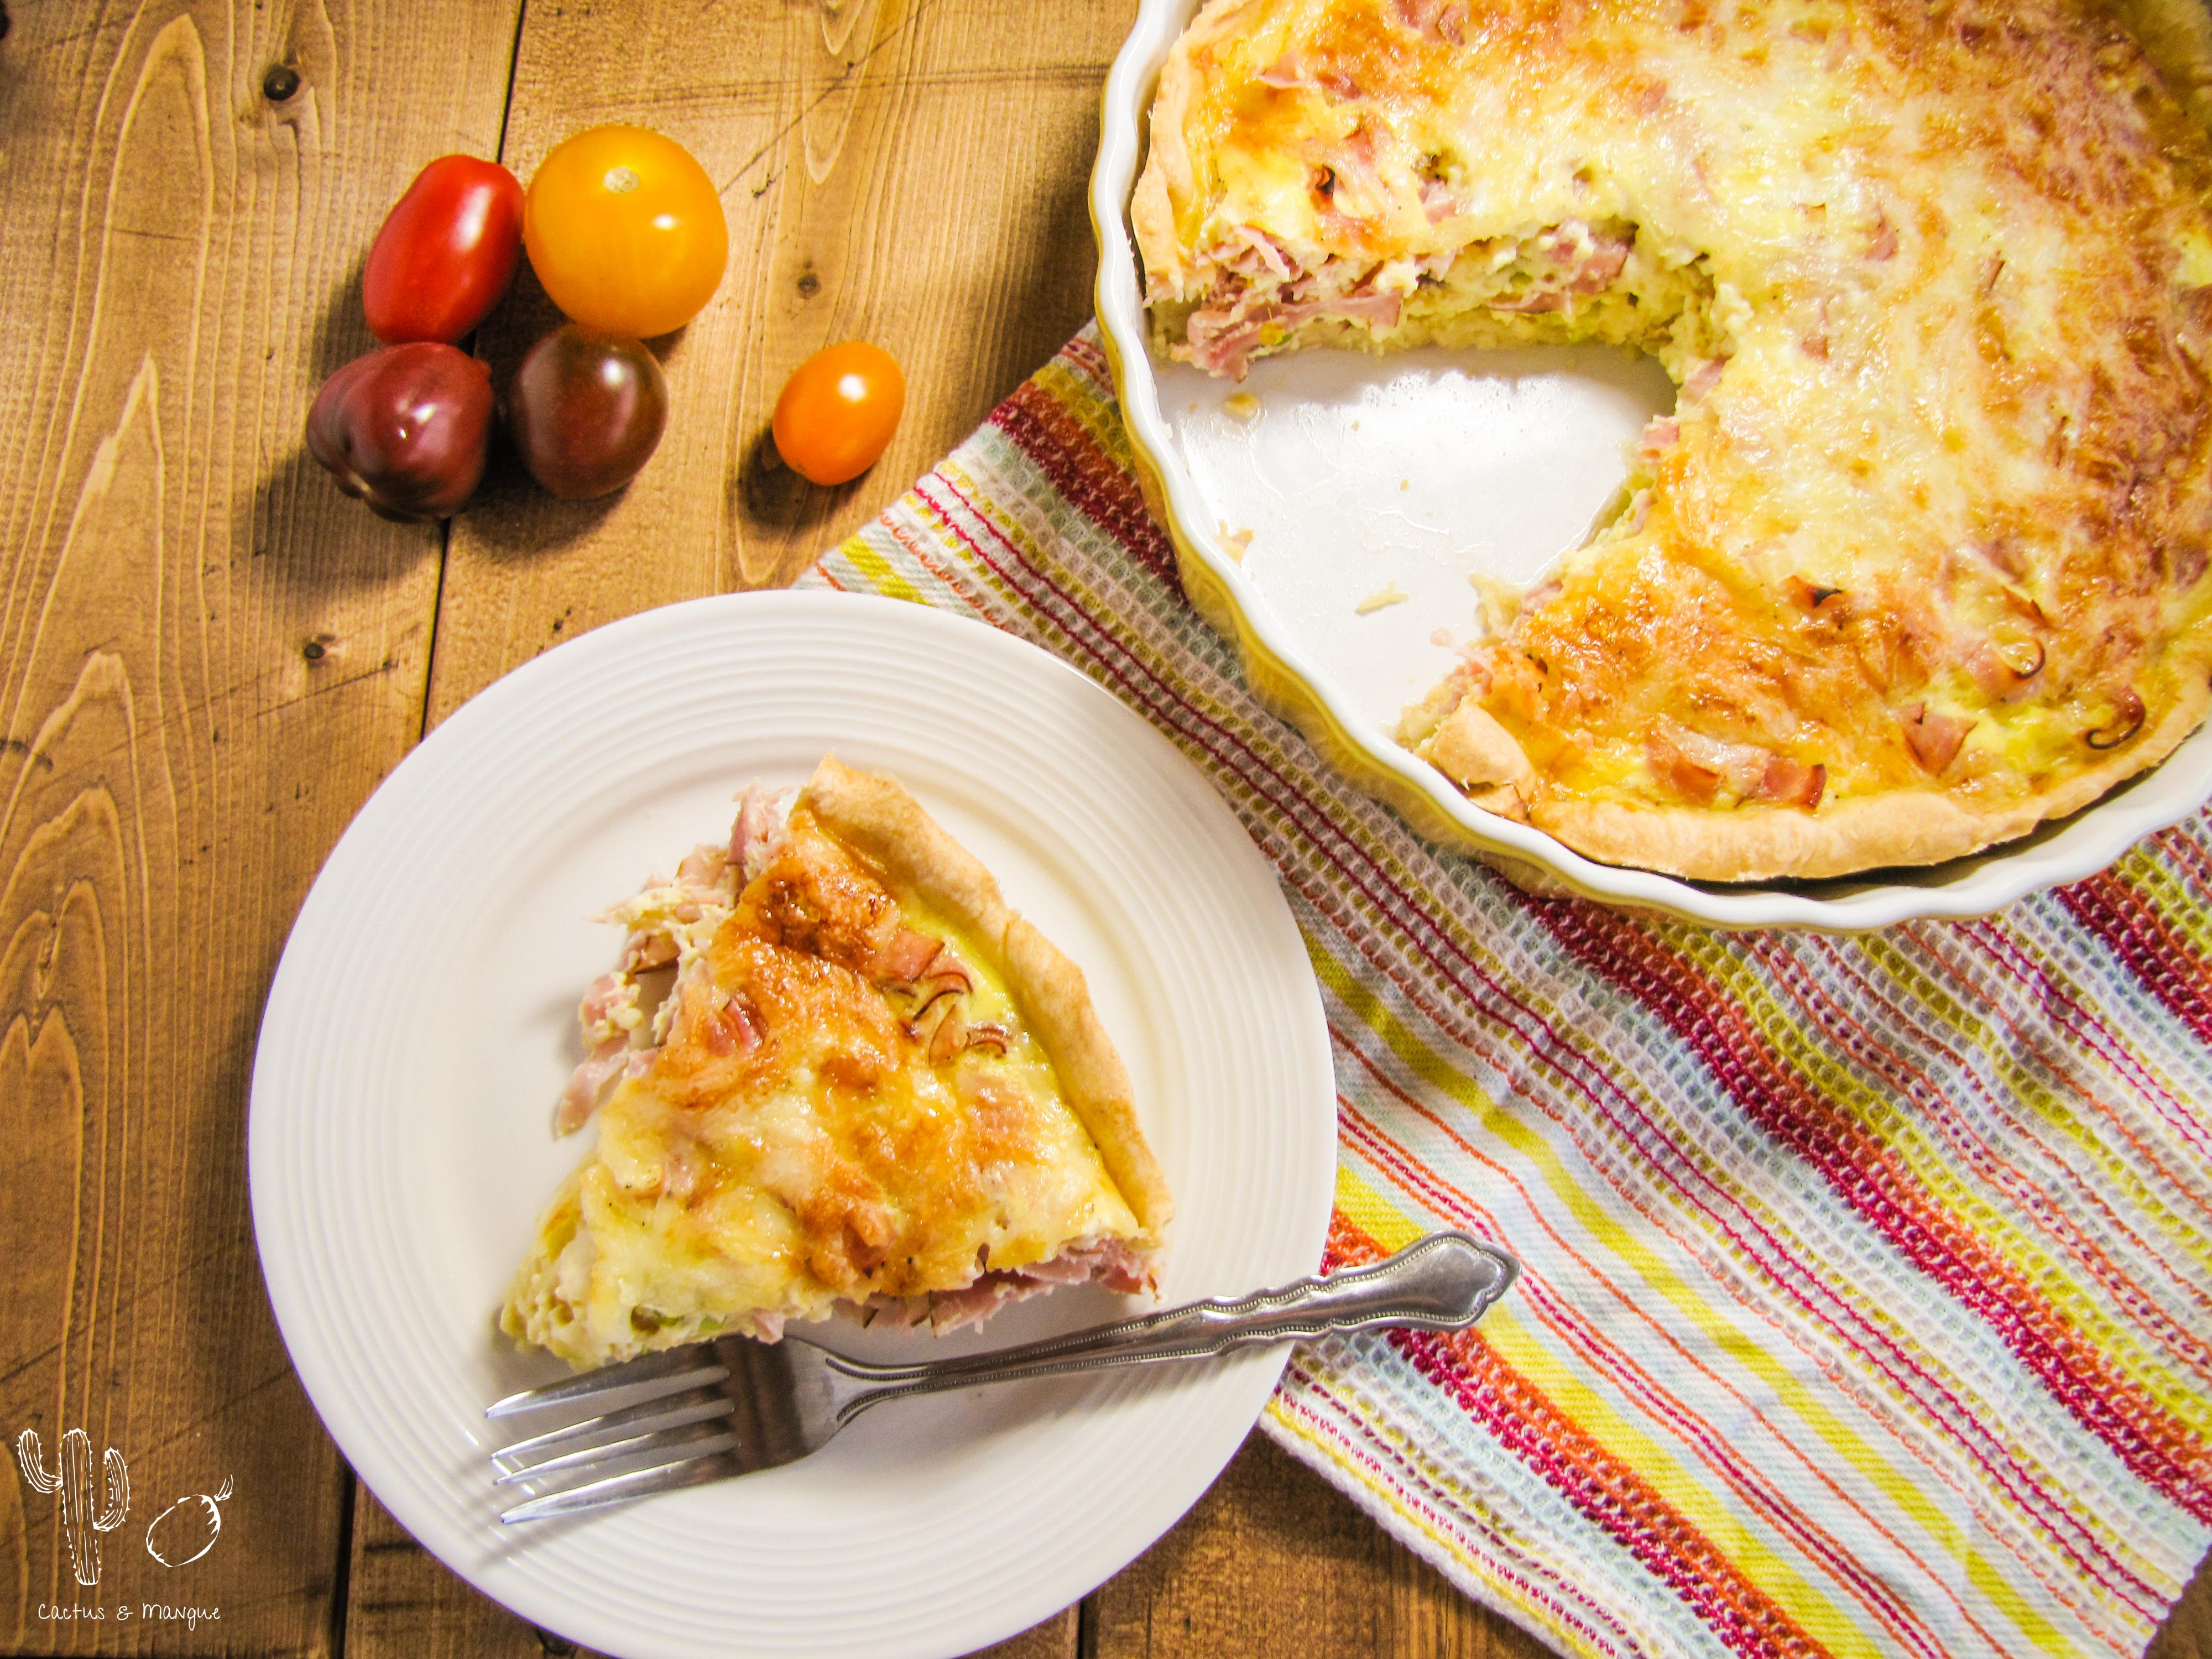 Quiche jambon, poireau et fromage suisse